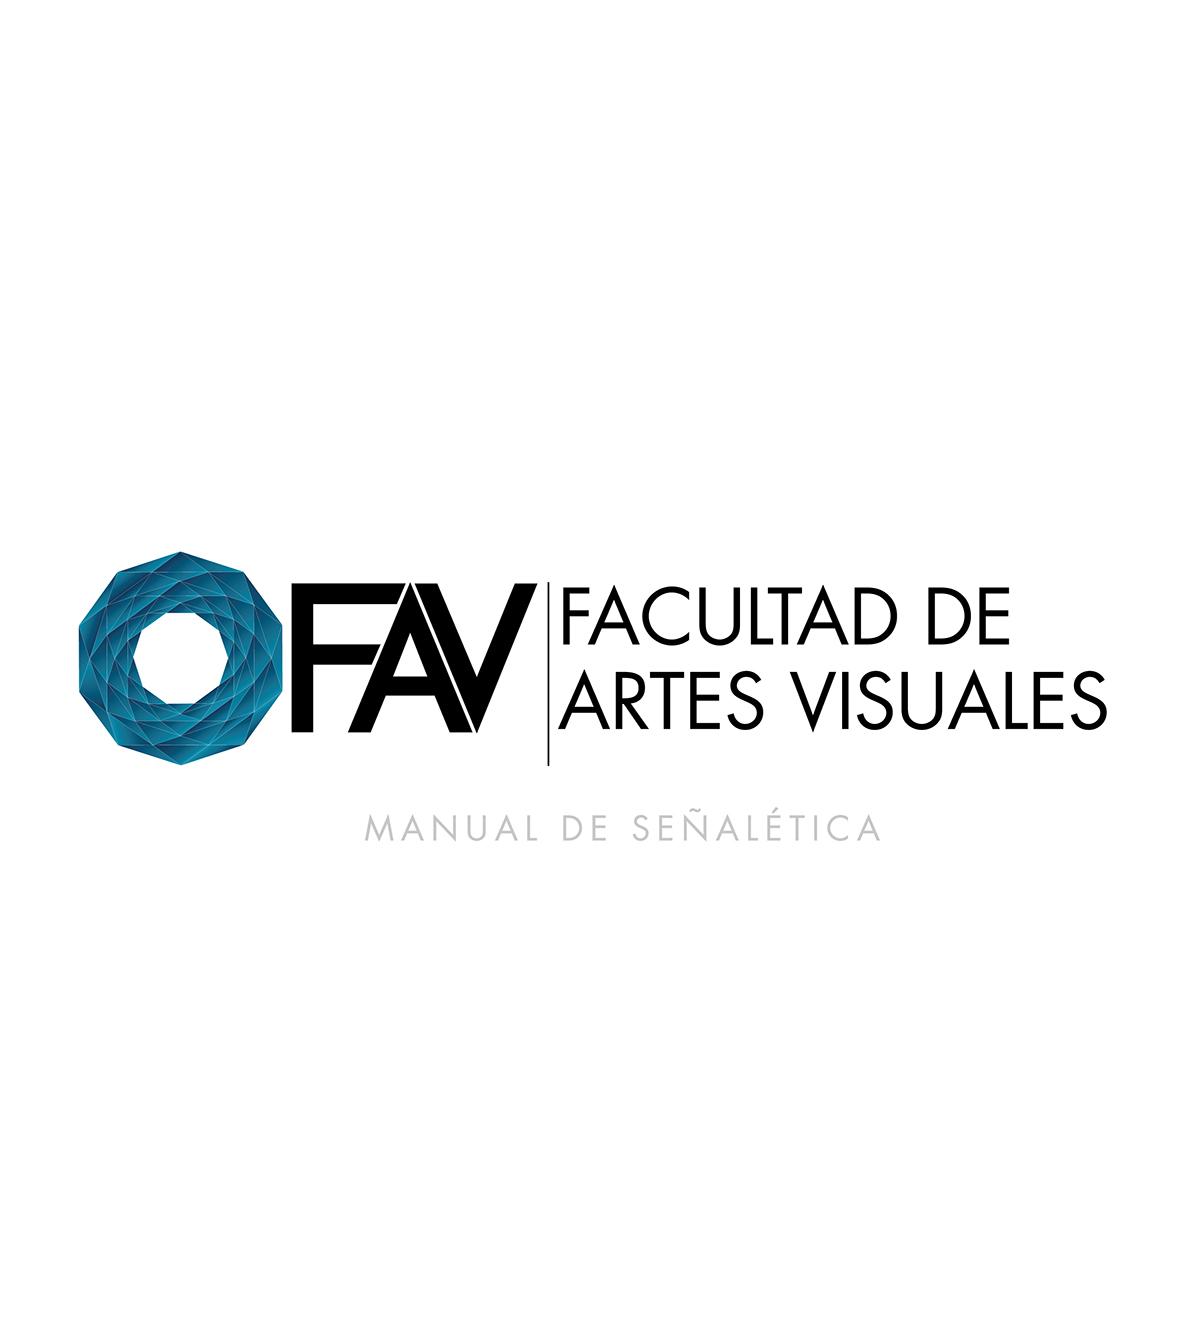 Manual Facultad de Artes Visuales on Behance